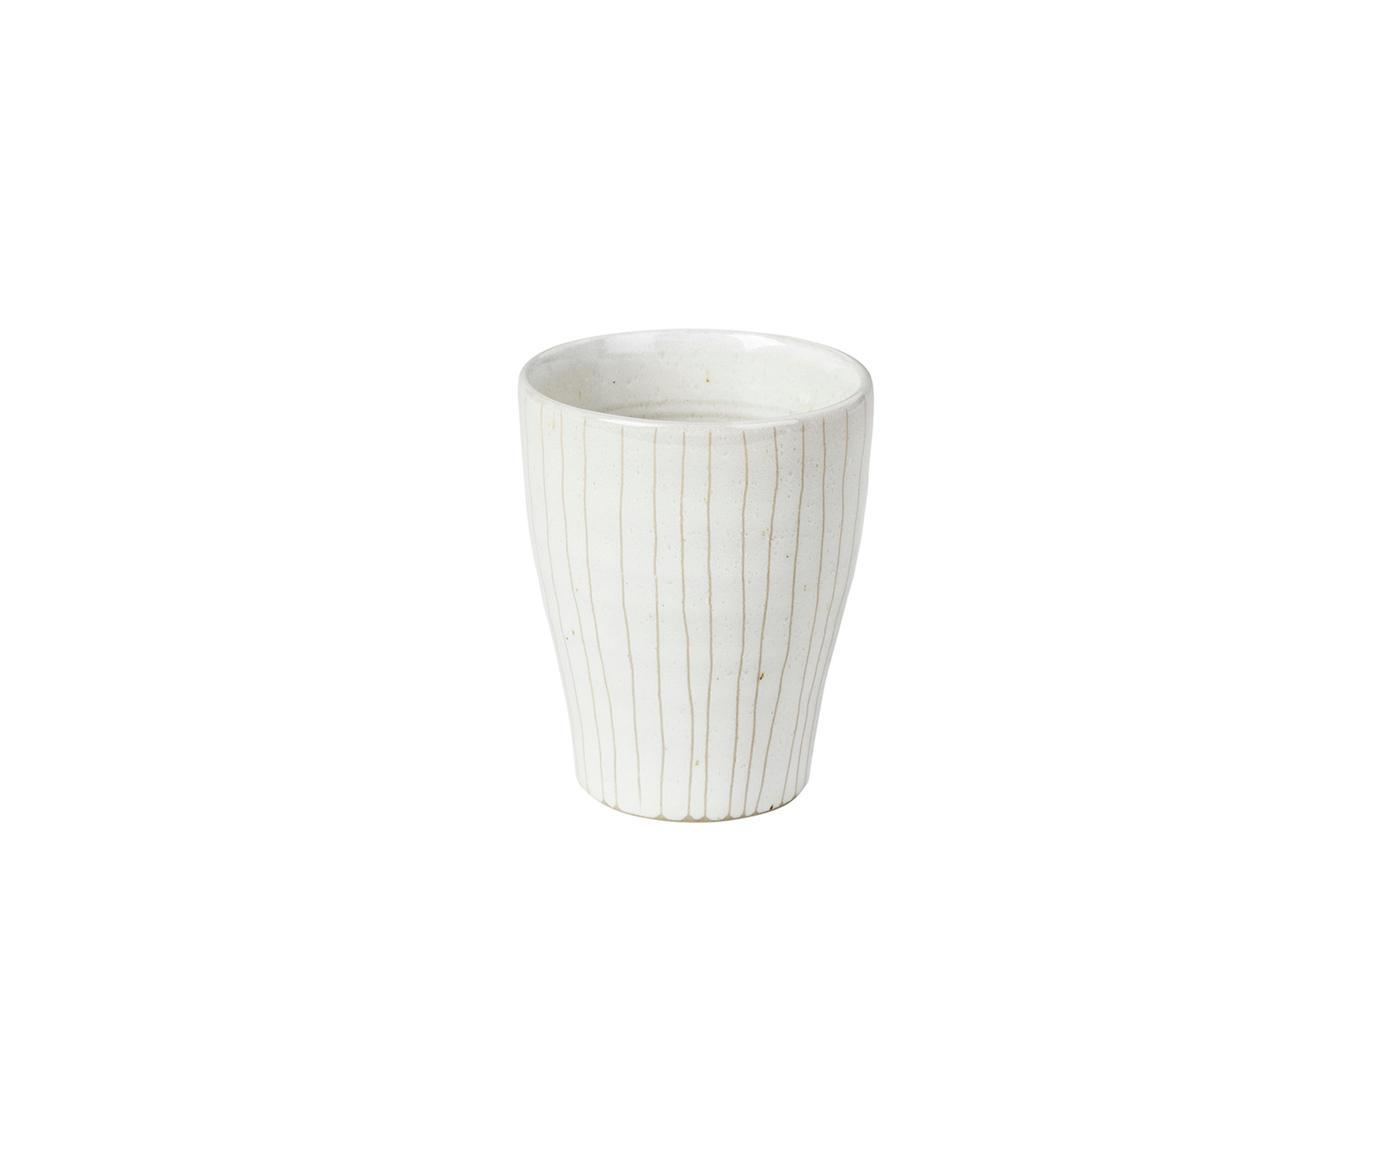 Tazza da caffè fatta a mano Copenhagen 6 pz, Gres, Avorio con sottili righe beige chiare, Ø 7 x Alt. 8 cm